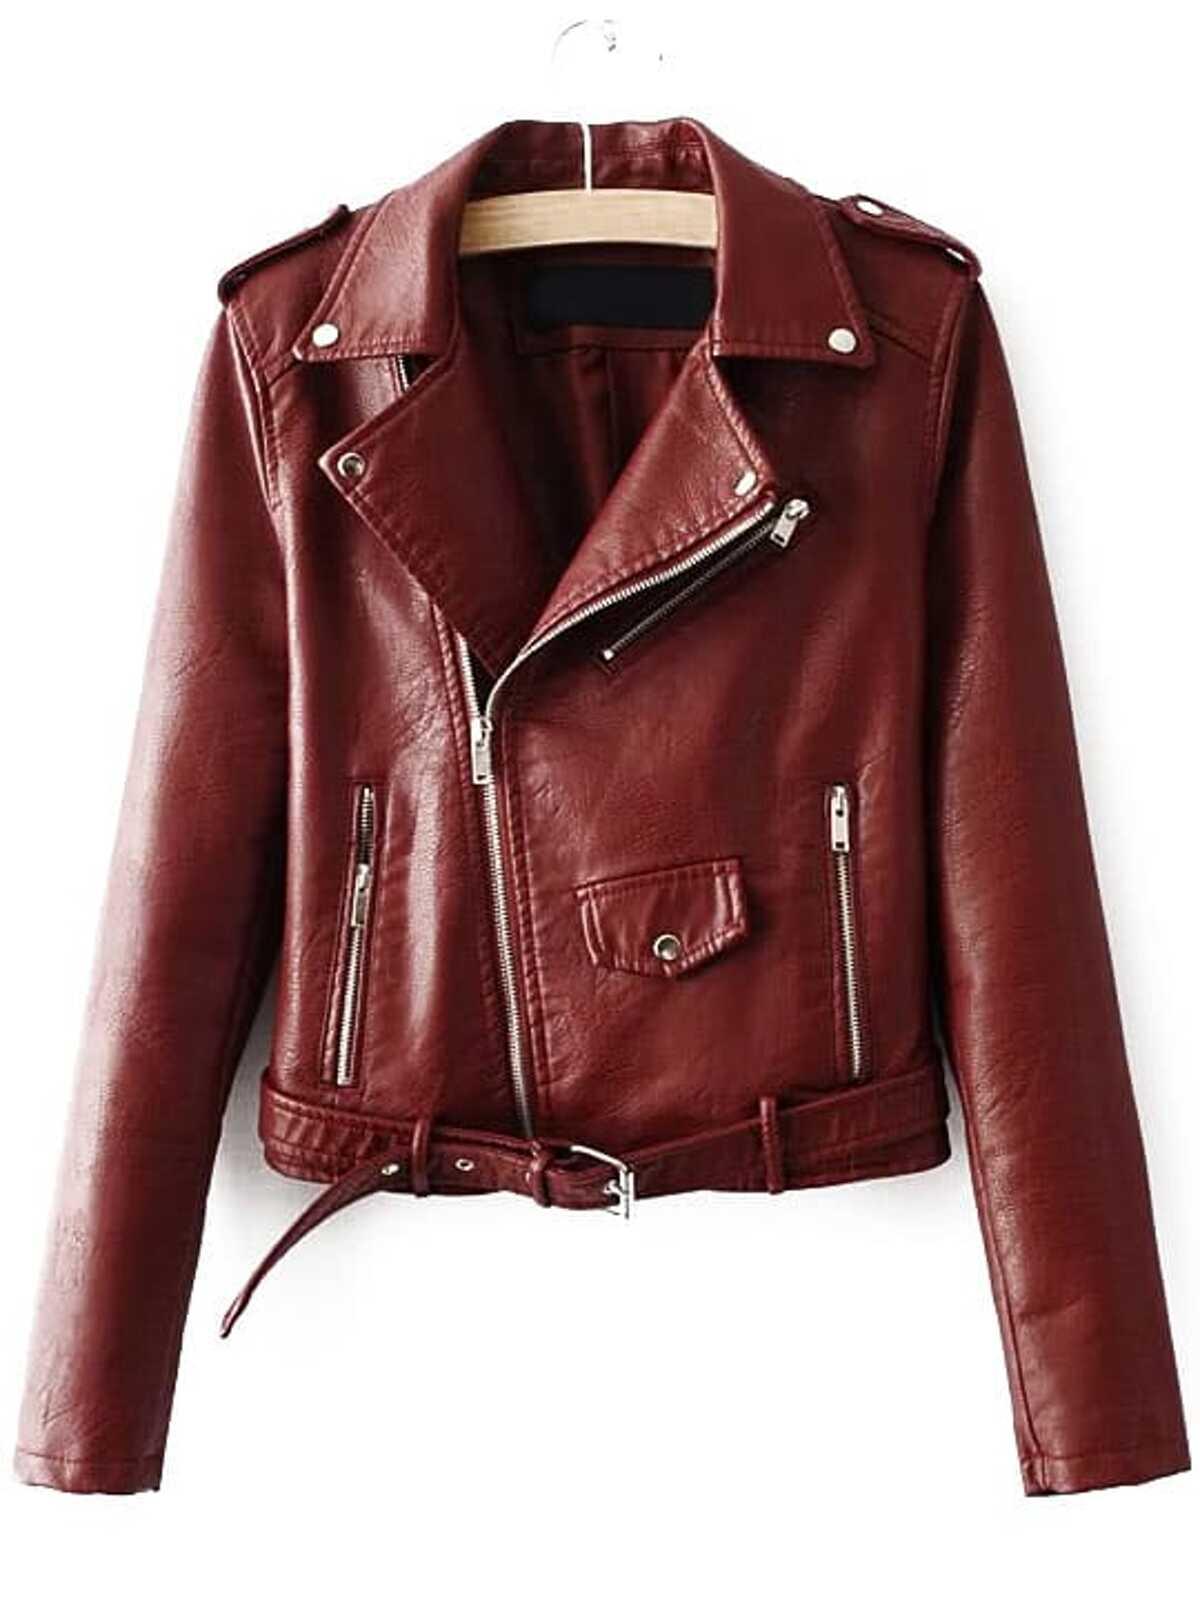 葡萄紅 仿皮 腰帶 摩托車外套 附有 拉鏈